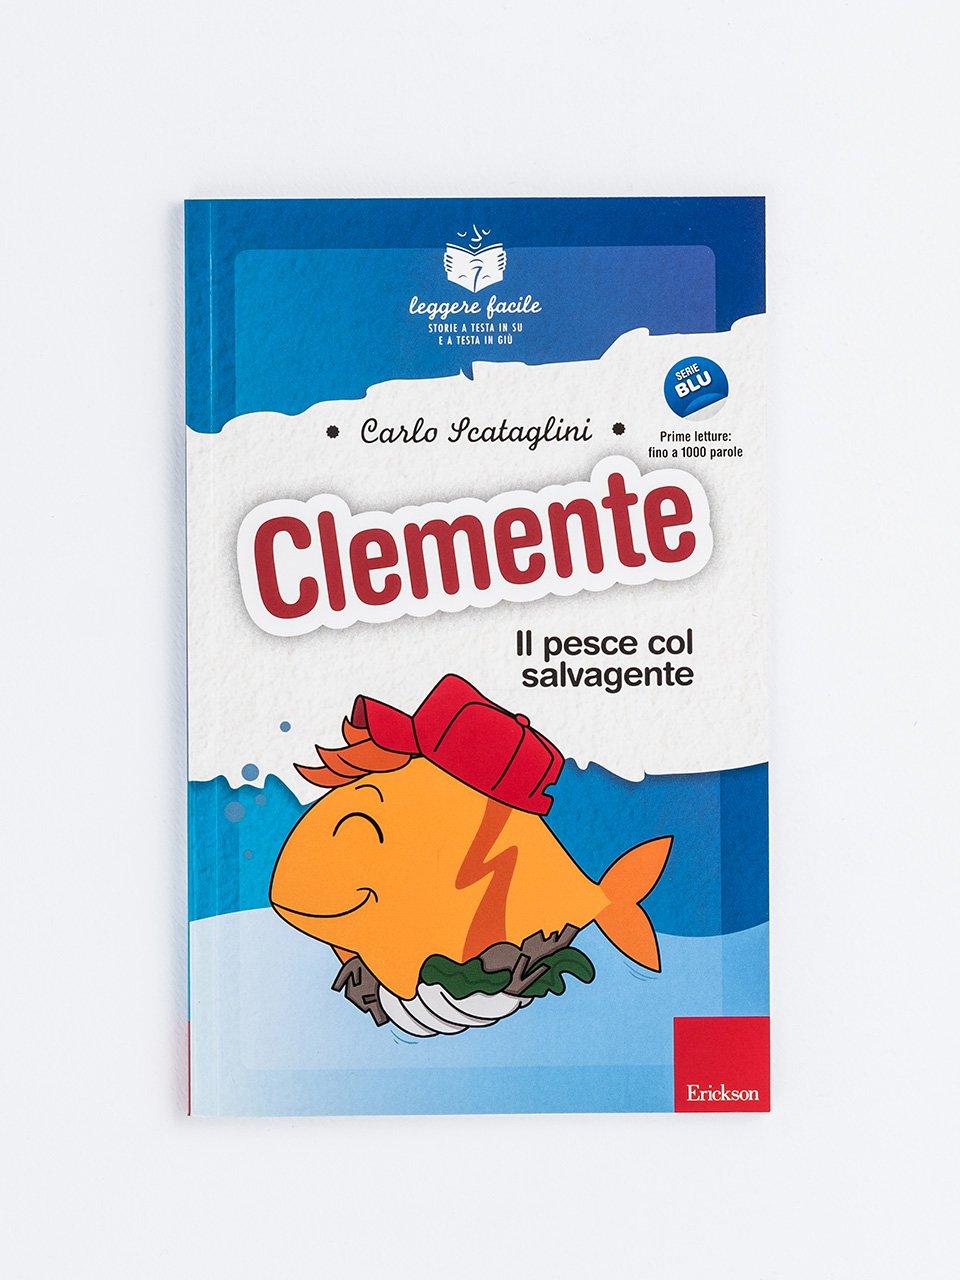 Leggere facile - Clemente il pesce col salvagente - Topigno e la giungla da salvare - Libri - Erickson